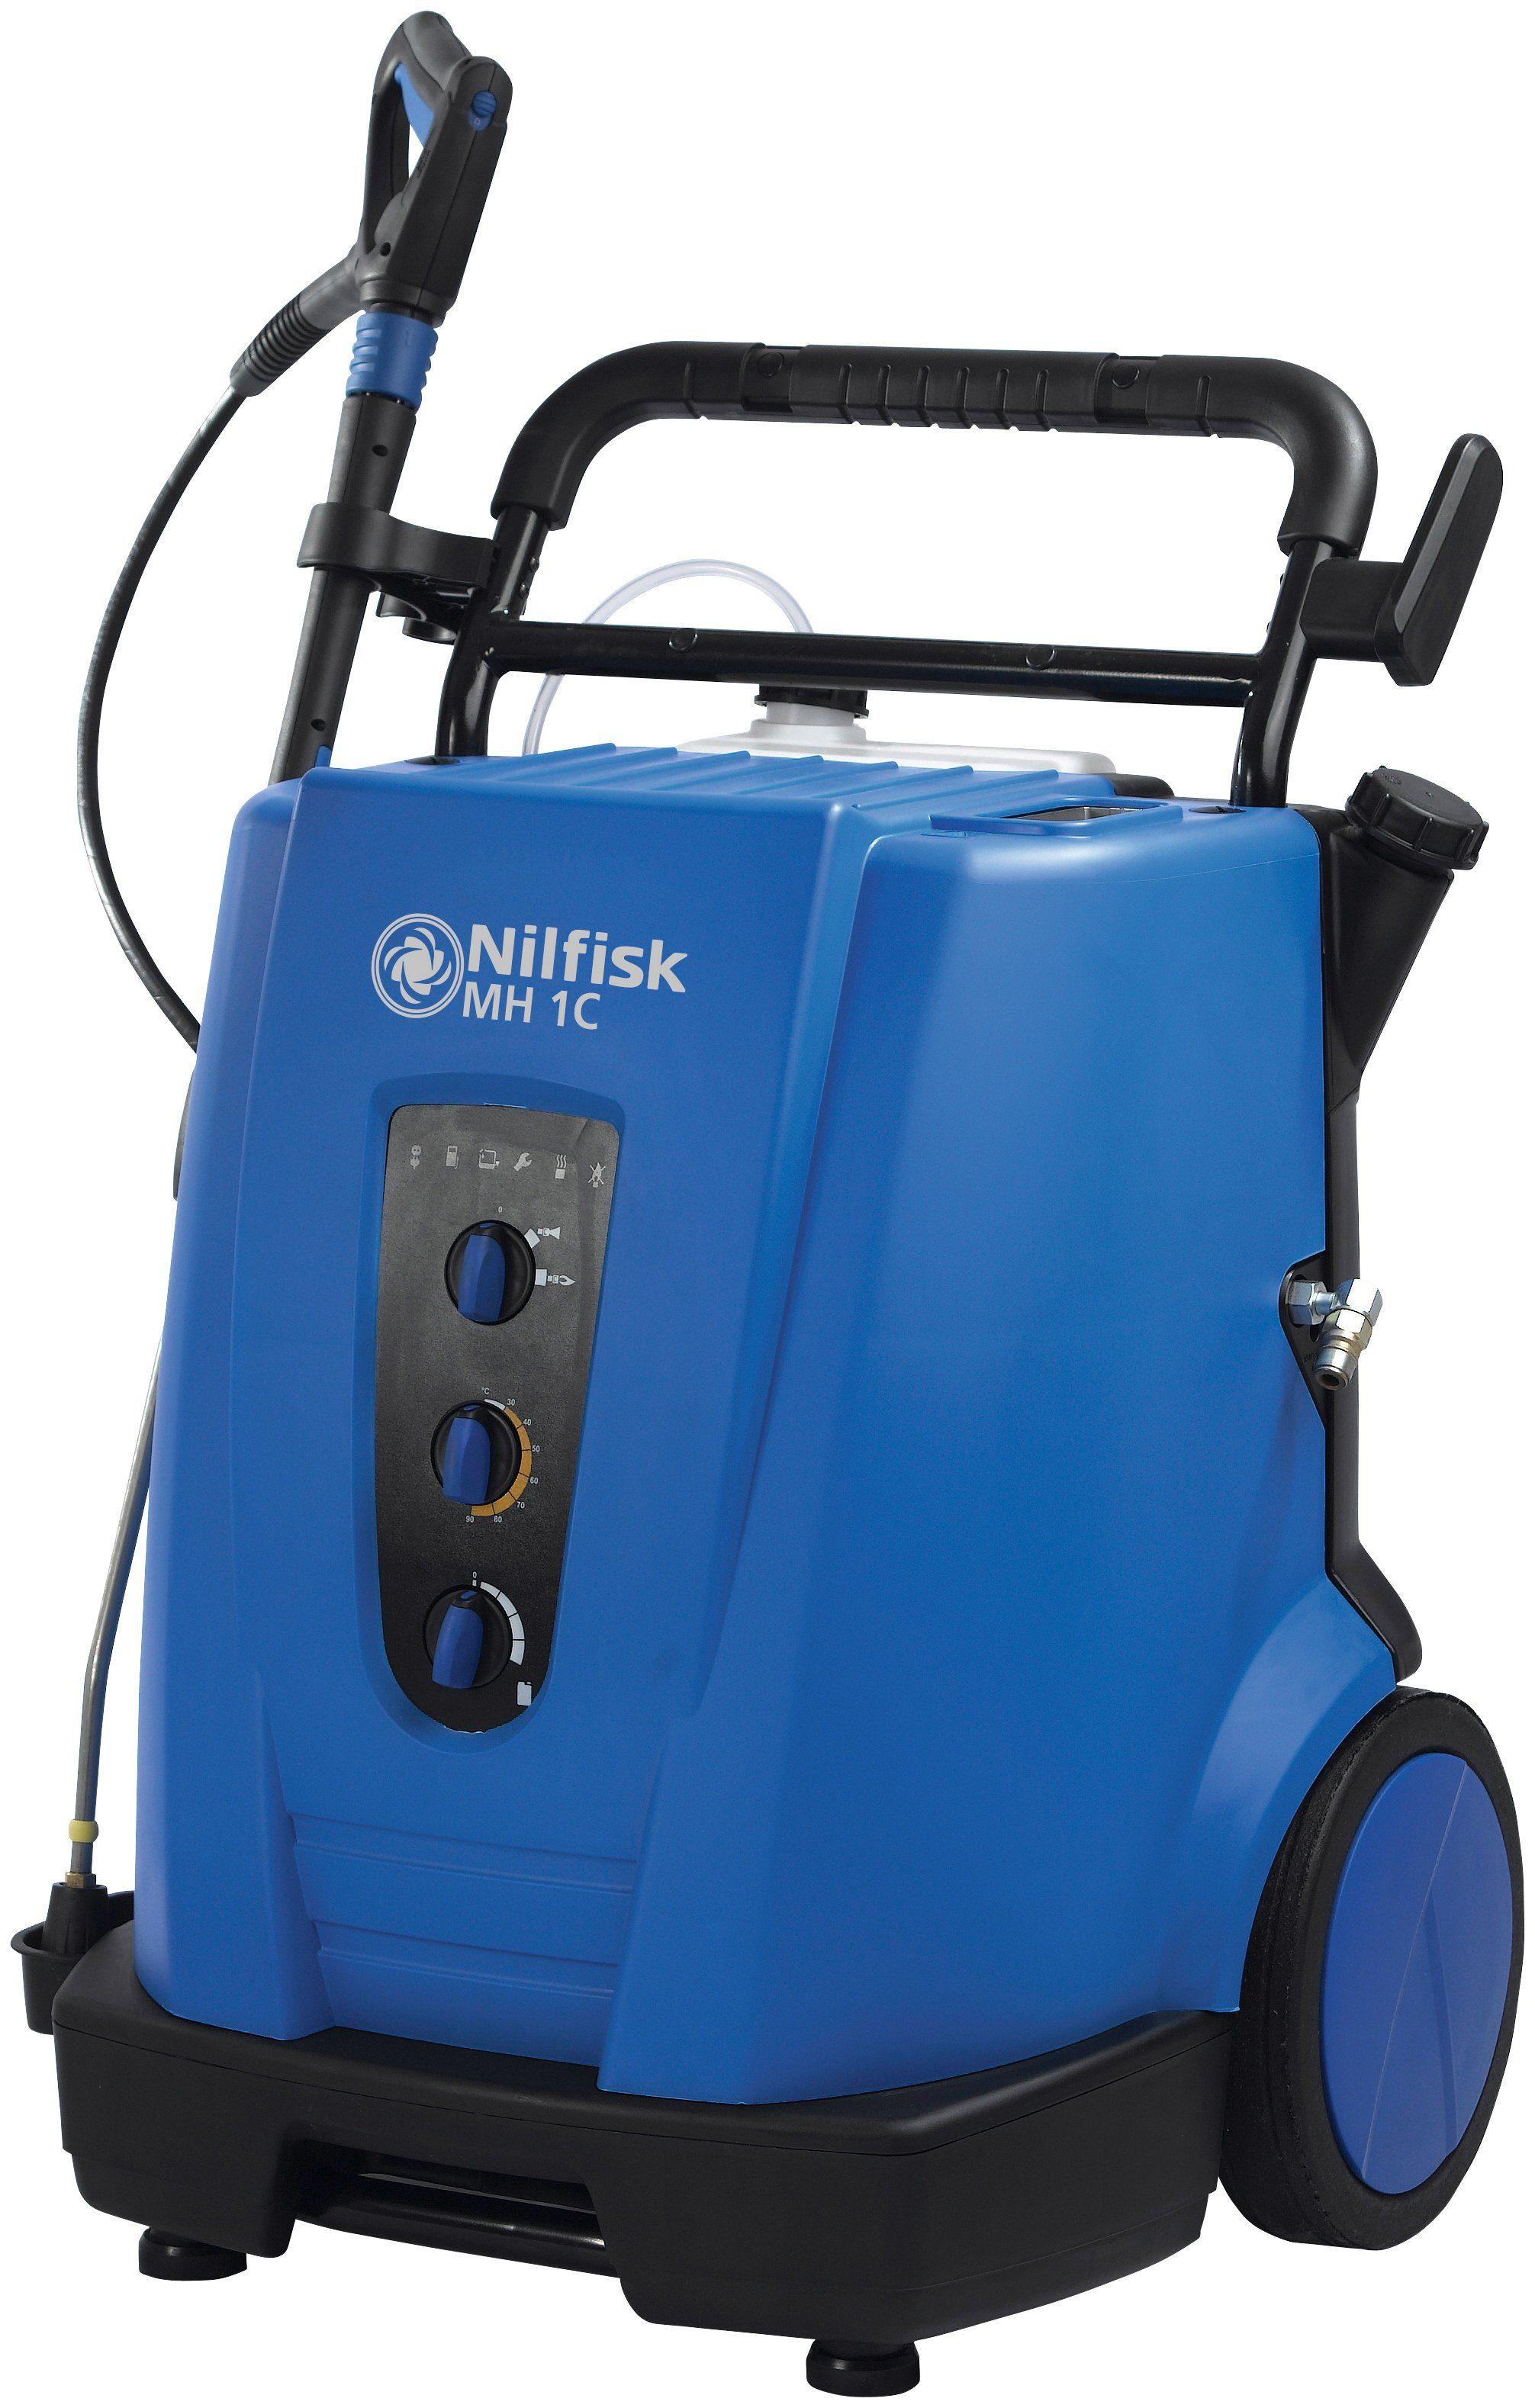 Nilfisk Heisswasser Hochdruckreiniger »MH 1C-110/600«